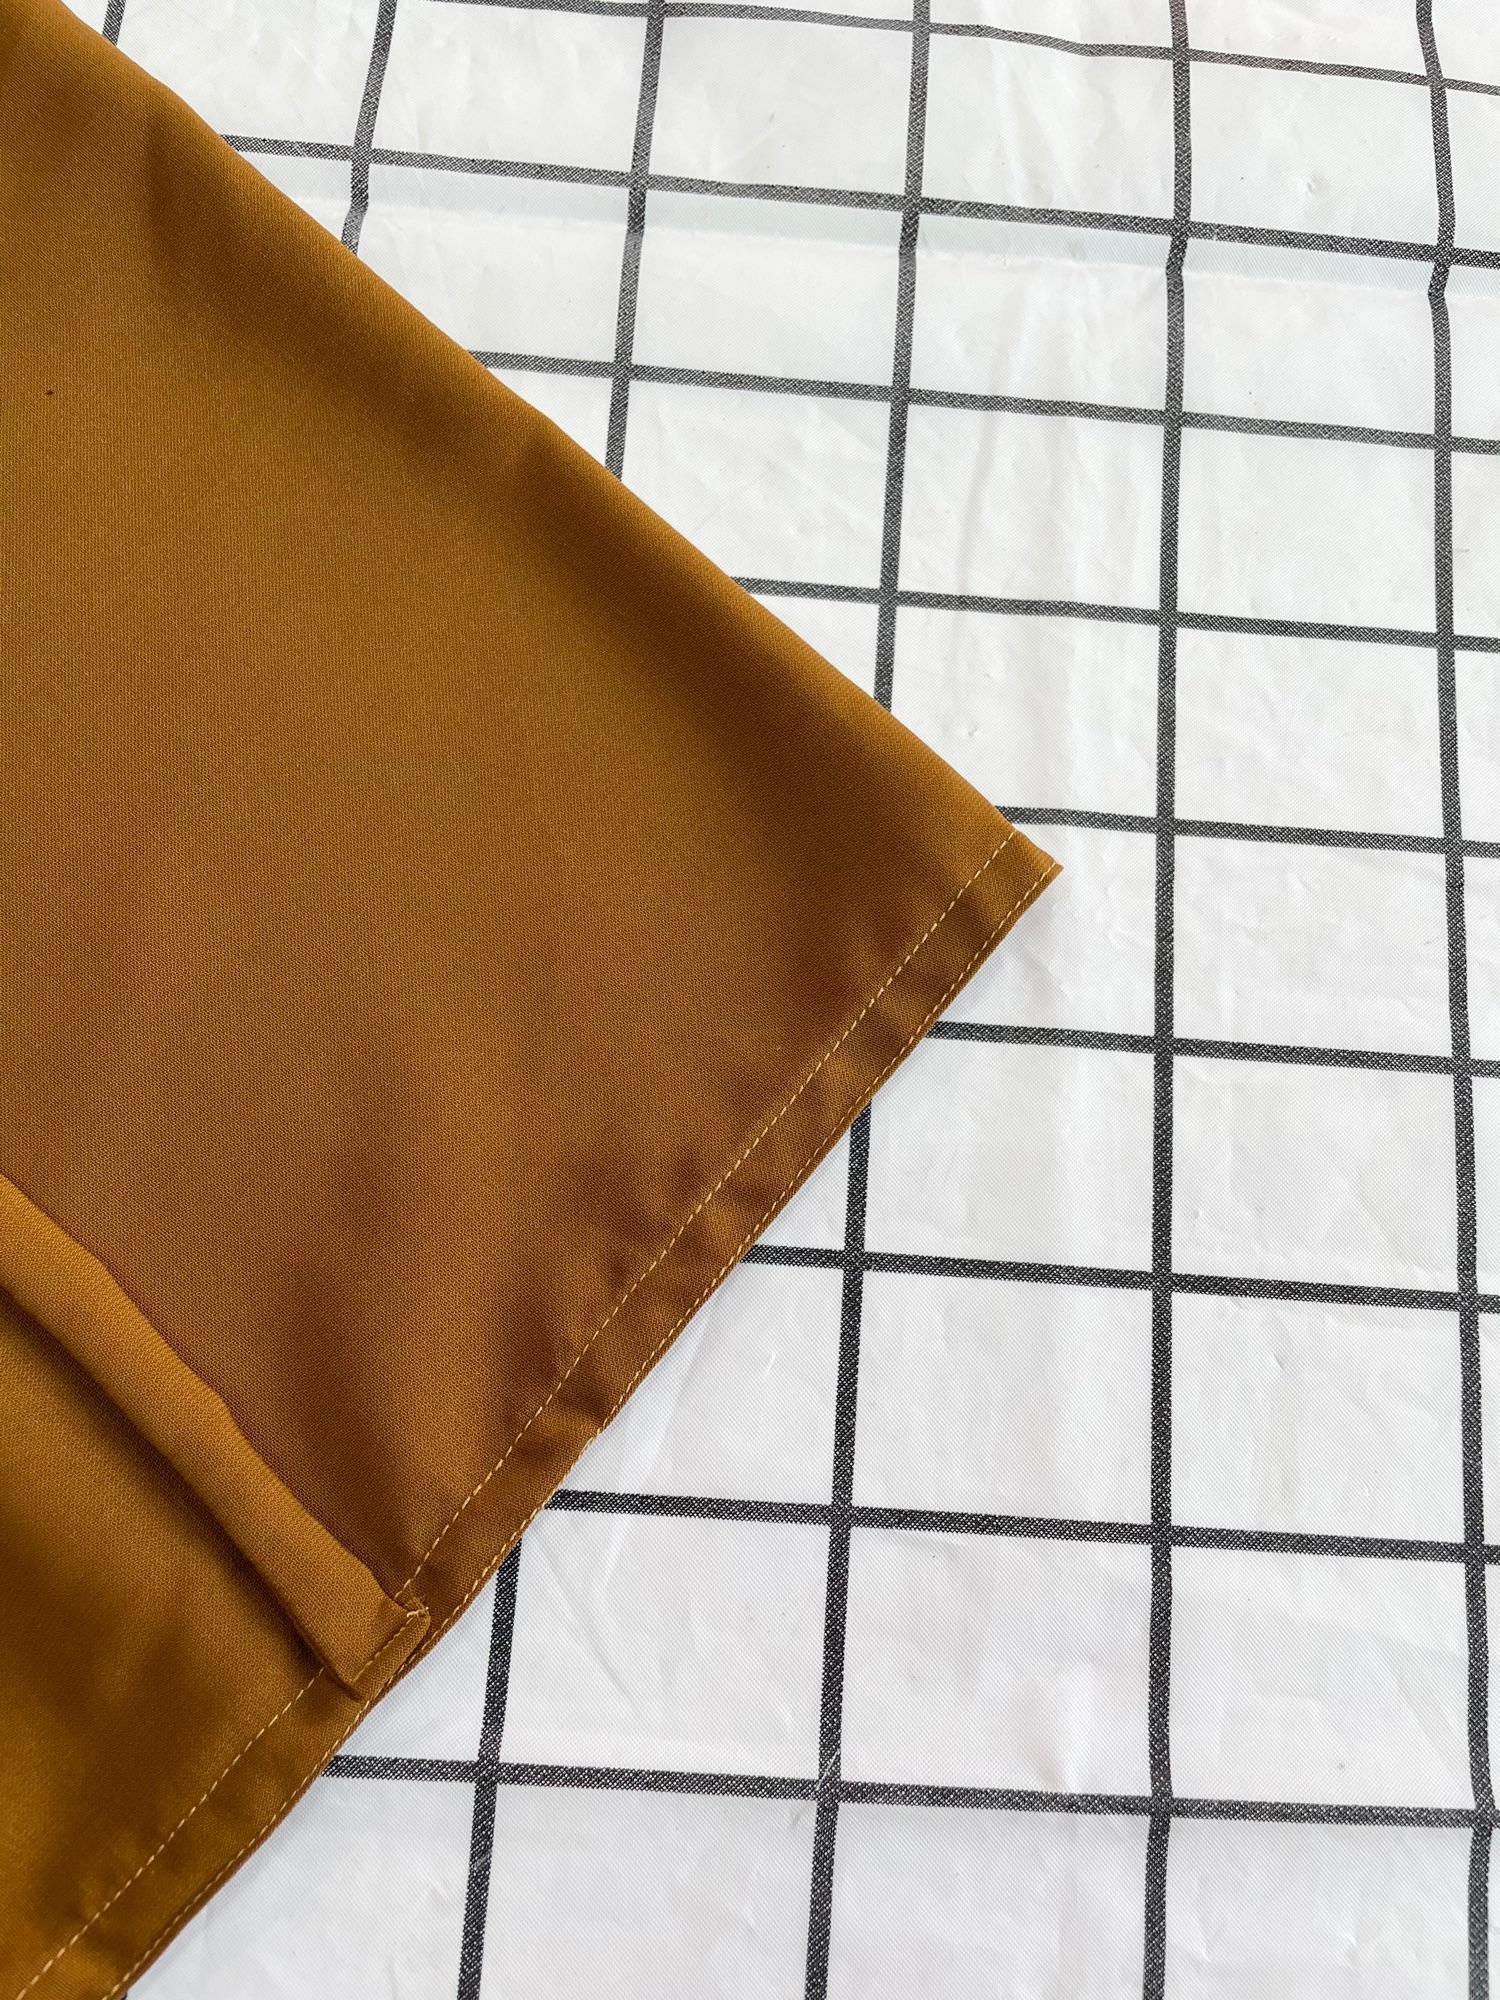 ผ้าคลุมอินโด ฮิญาบสวมสำเร็จ มีเชือกผูกข้างหลัง ผ้าใส่สบาย